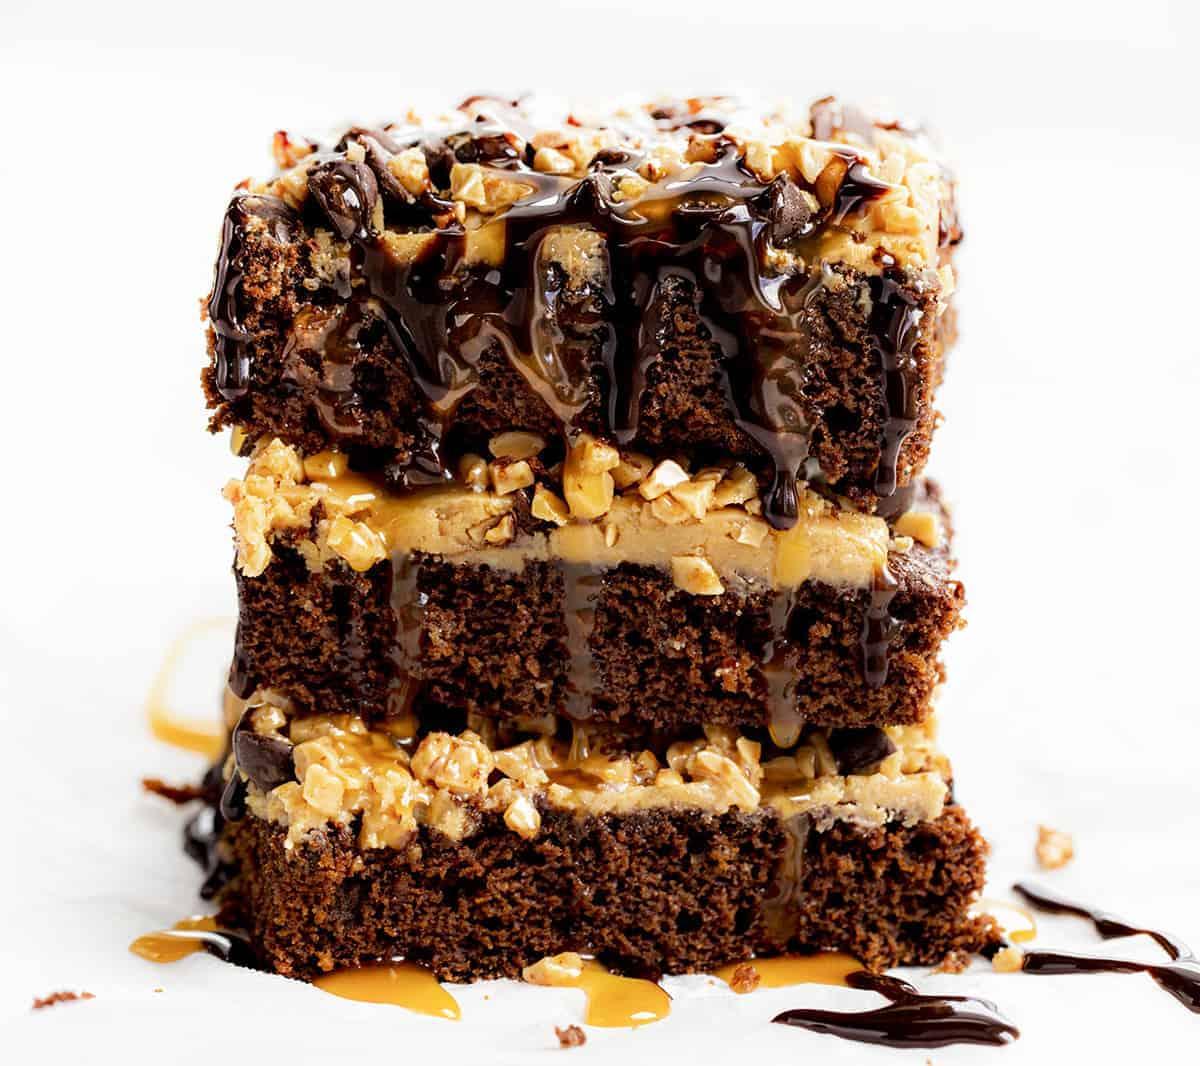 Morceaux de gâteau au caramel salé empilés et avec sauce au chocolat arrosé